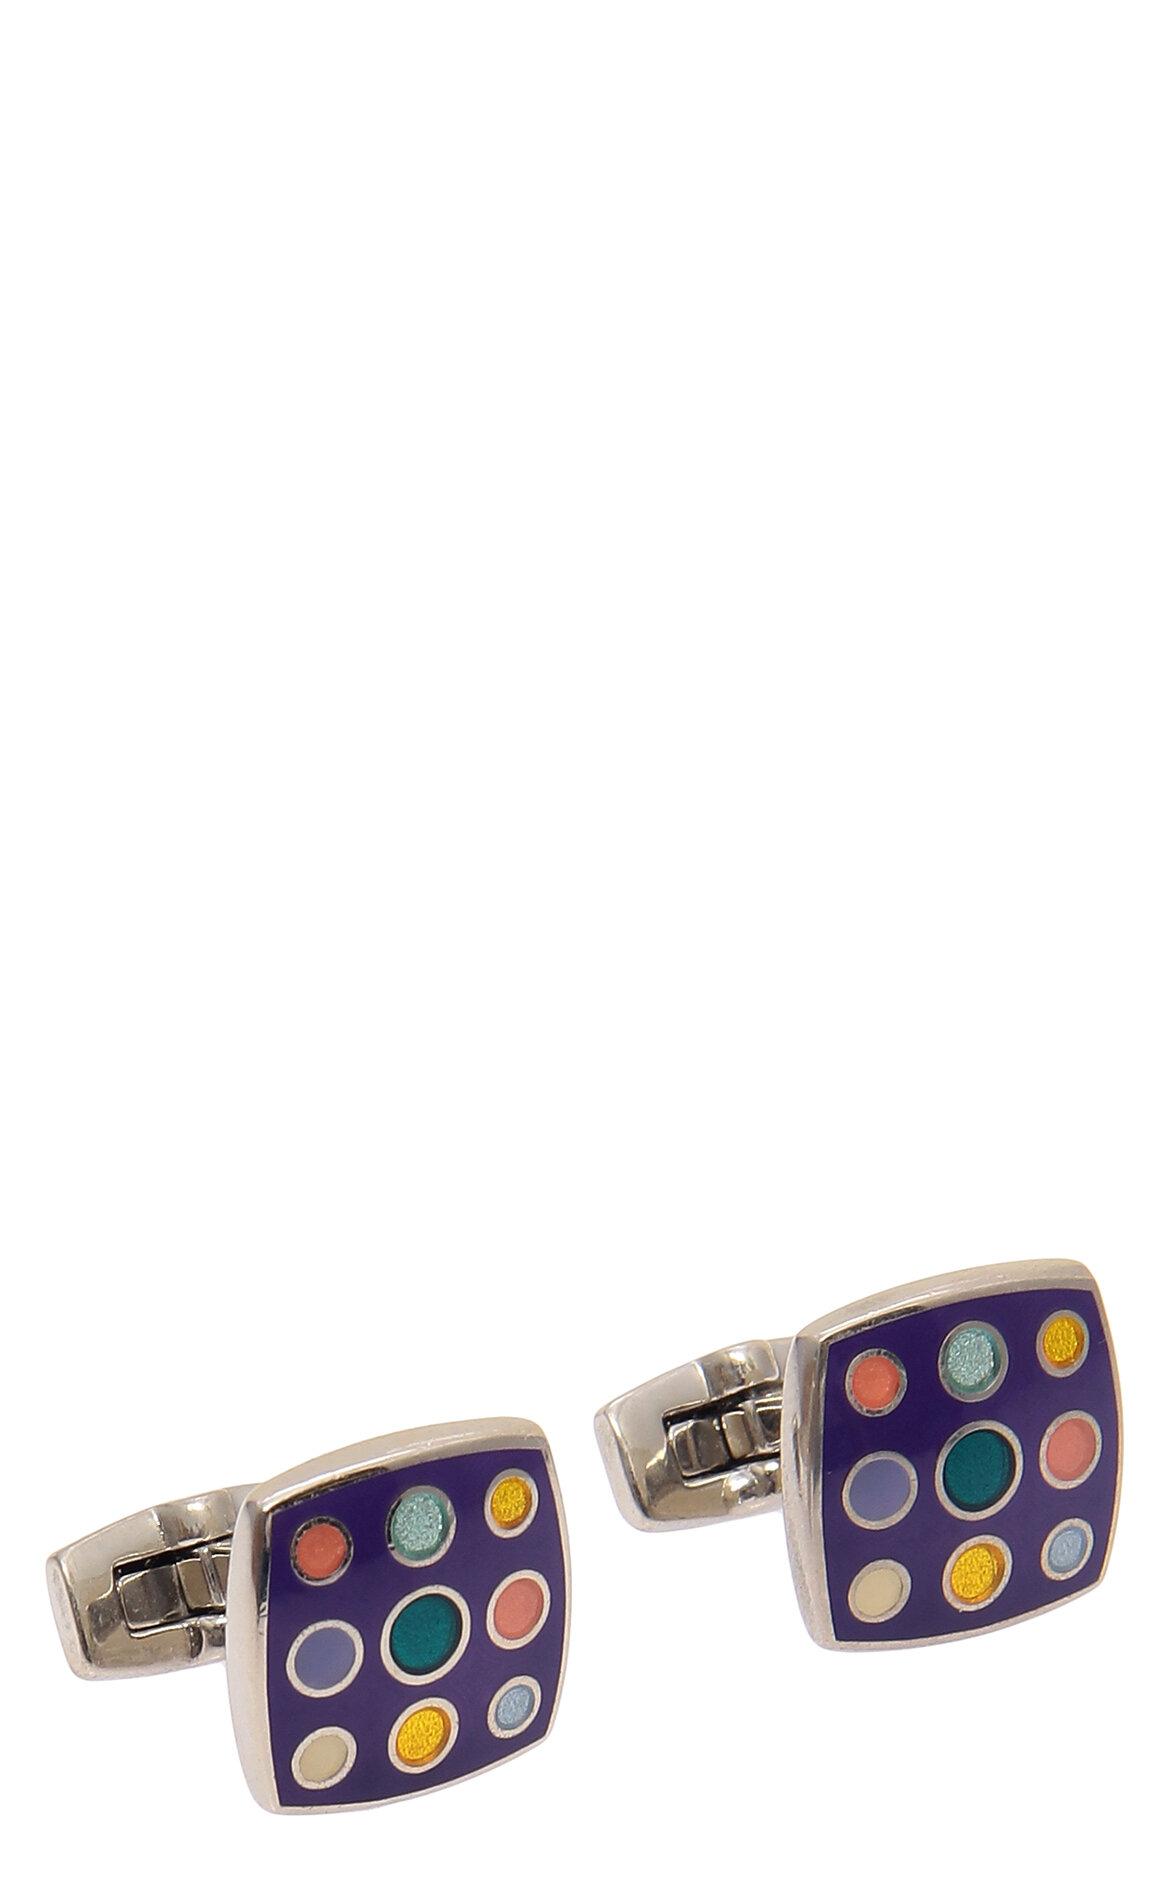 Duchamp-Duchamp Kol Düğmesi